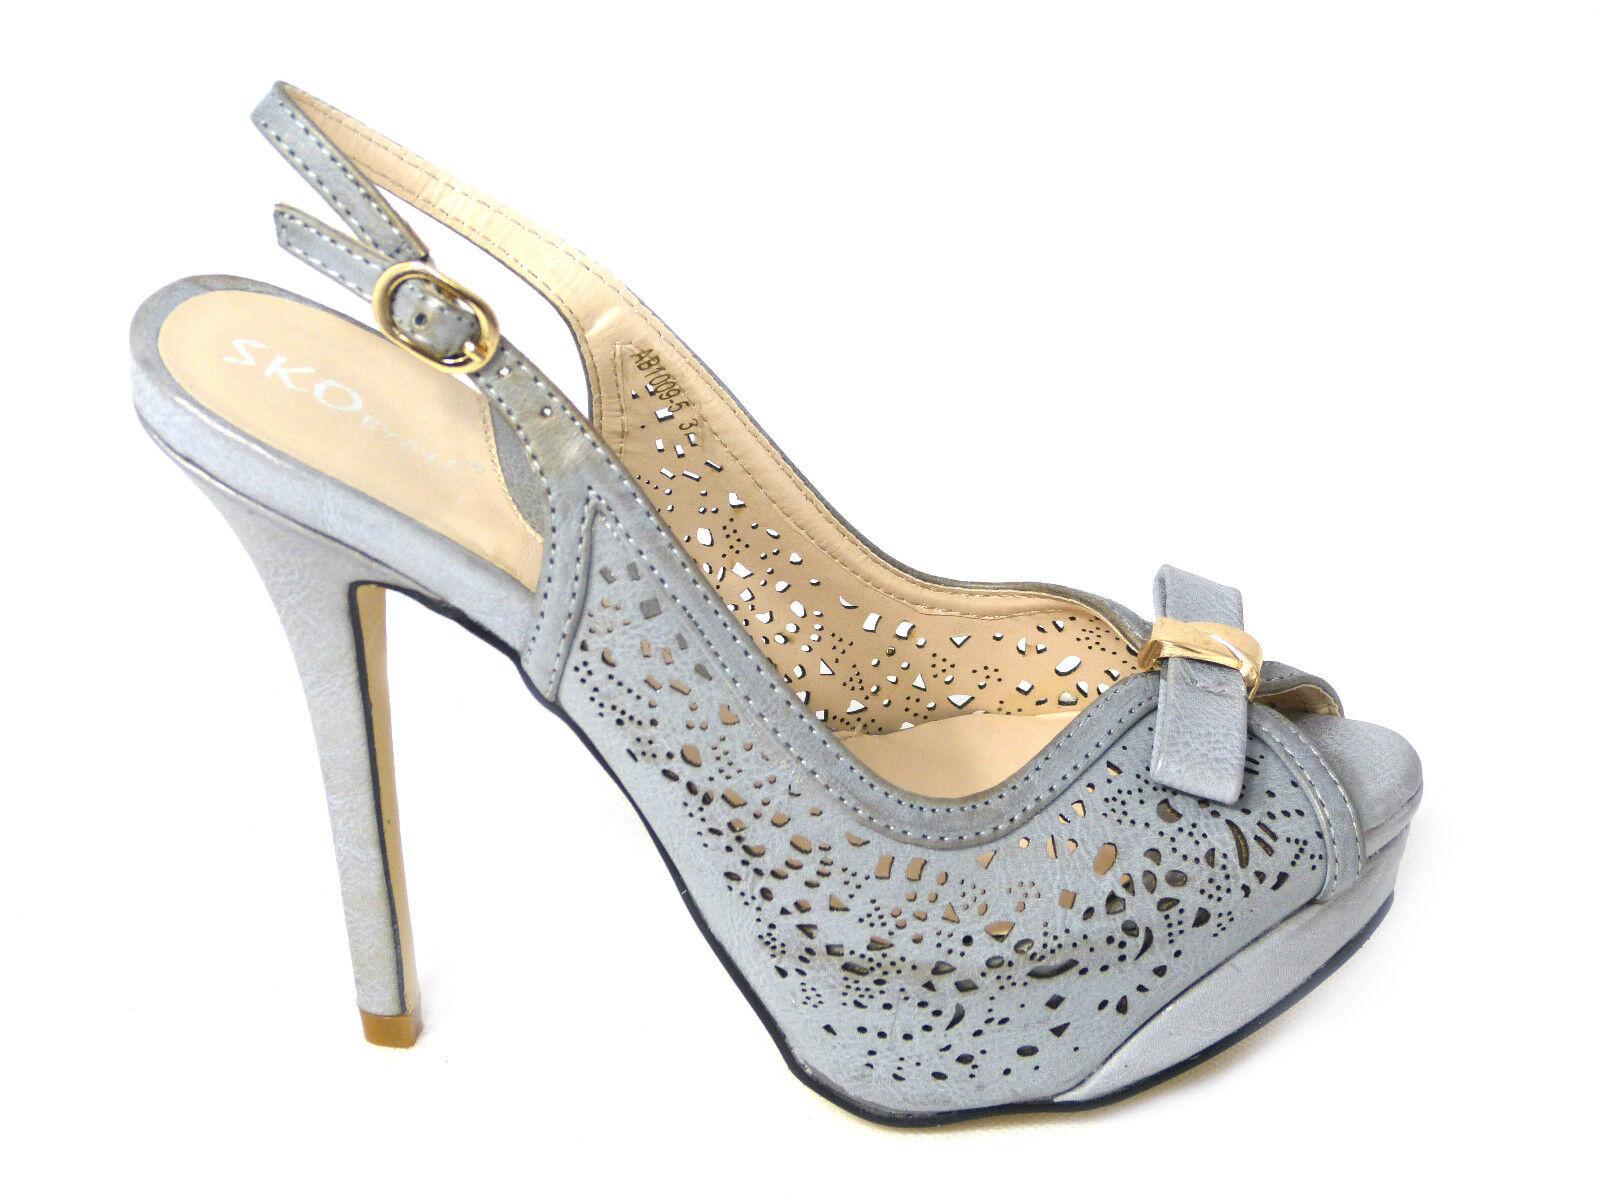 Bridal Peep Toe Shoes Uk Wide